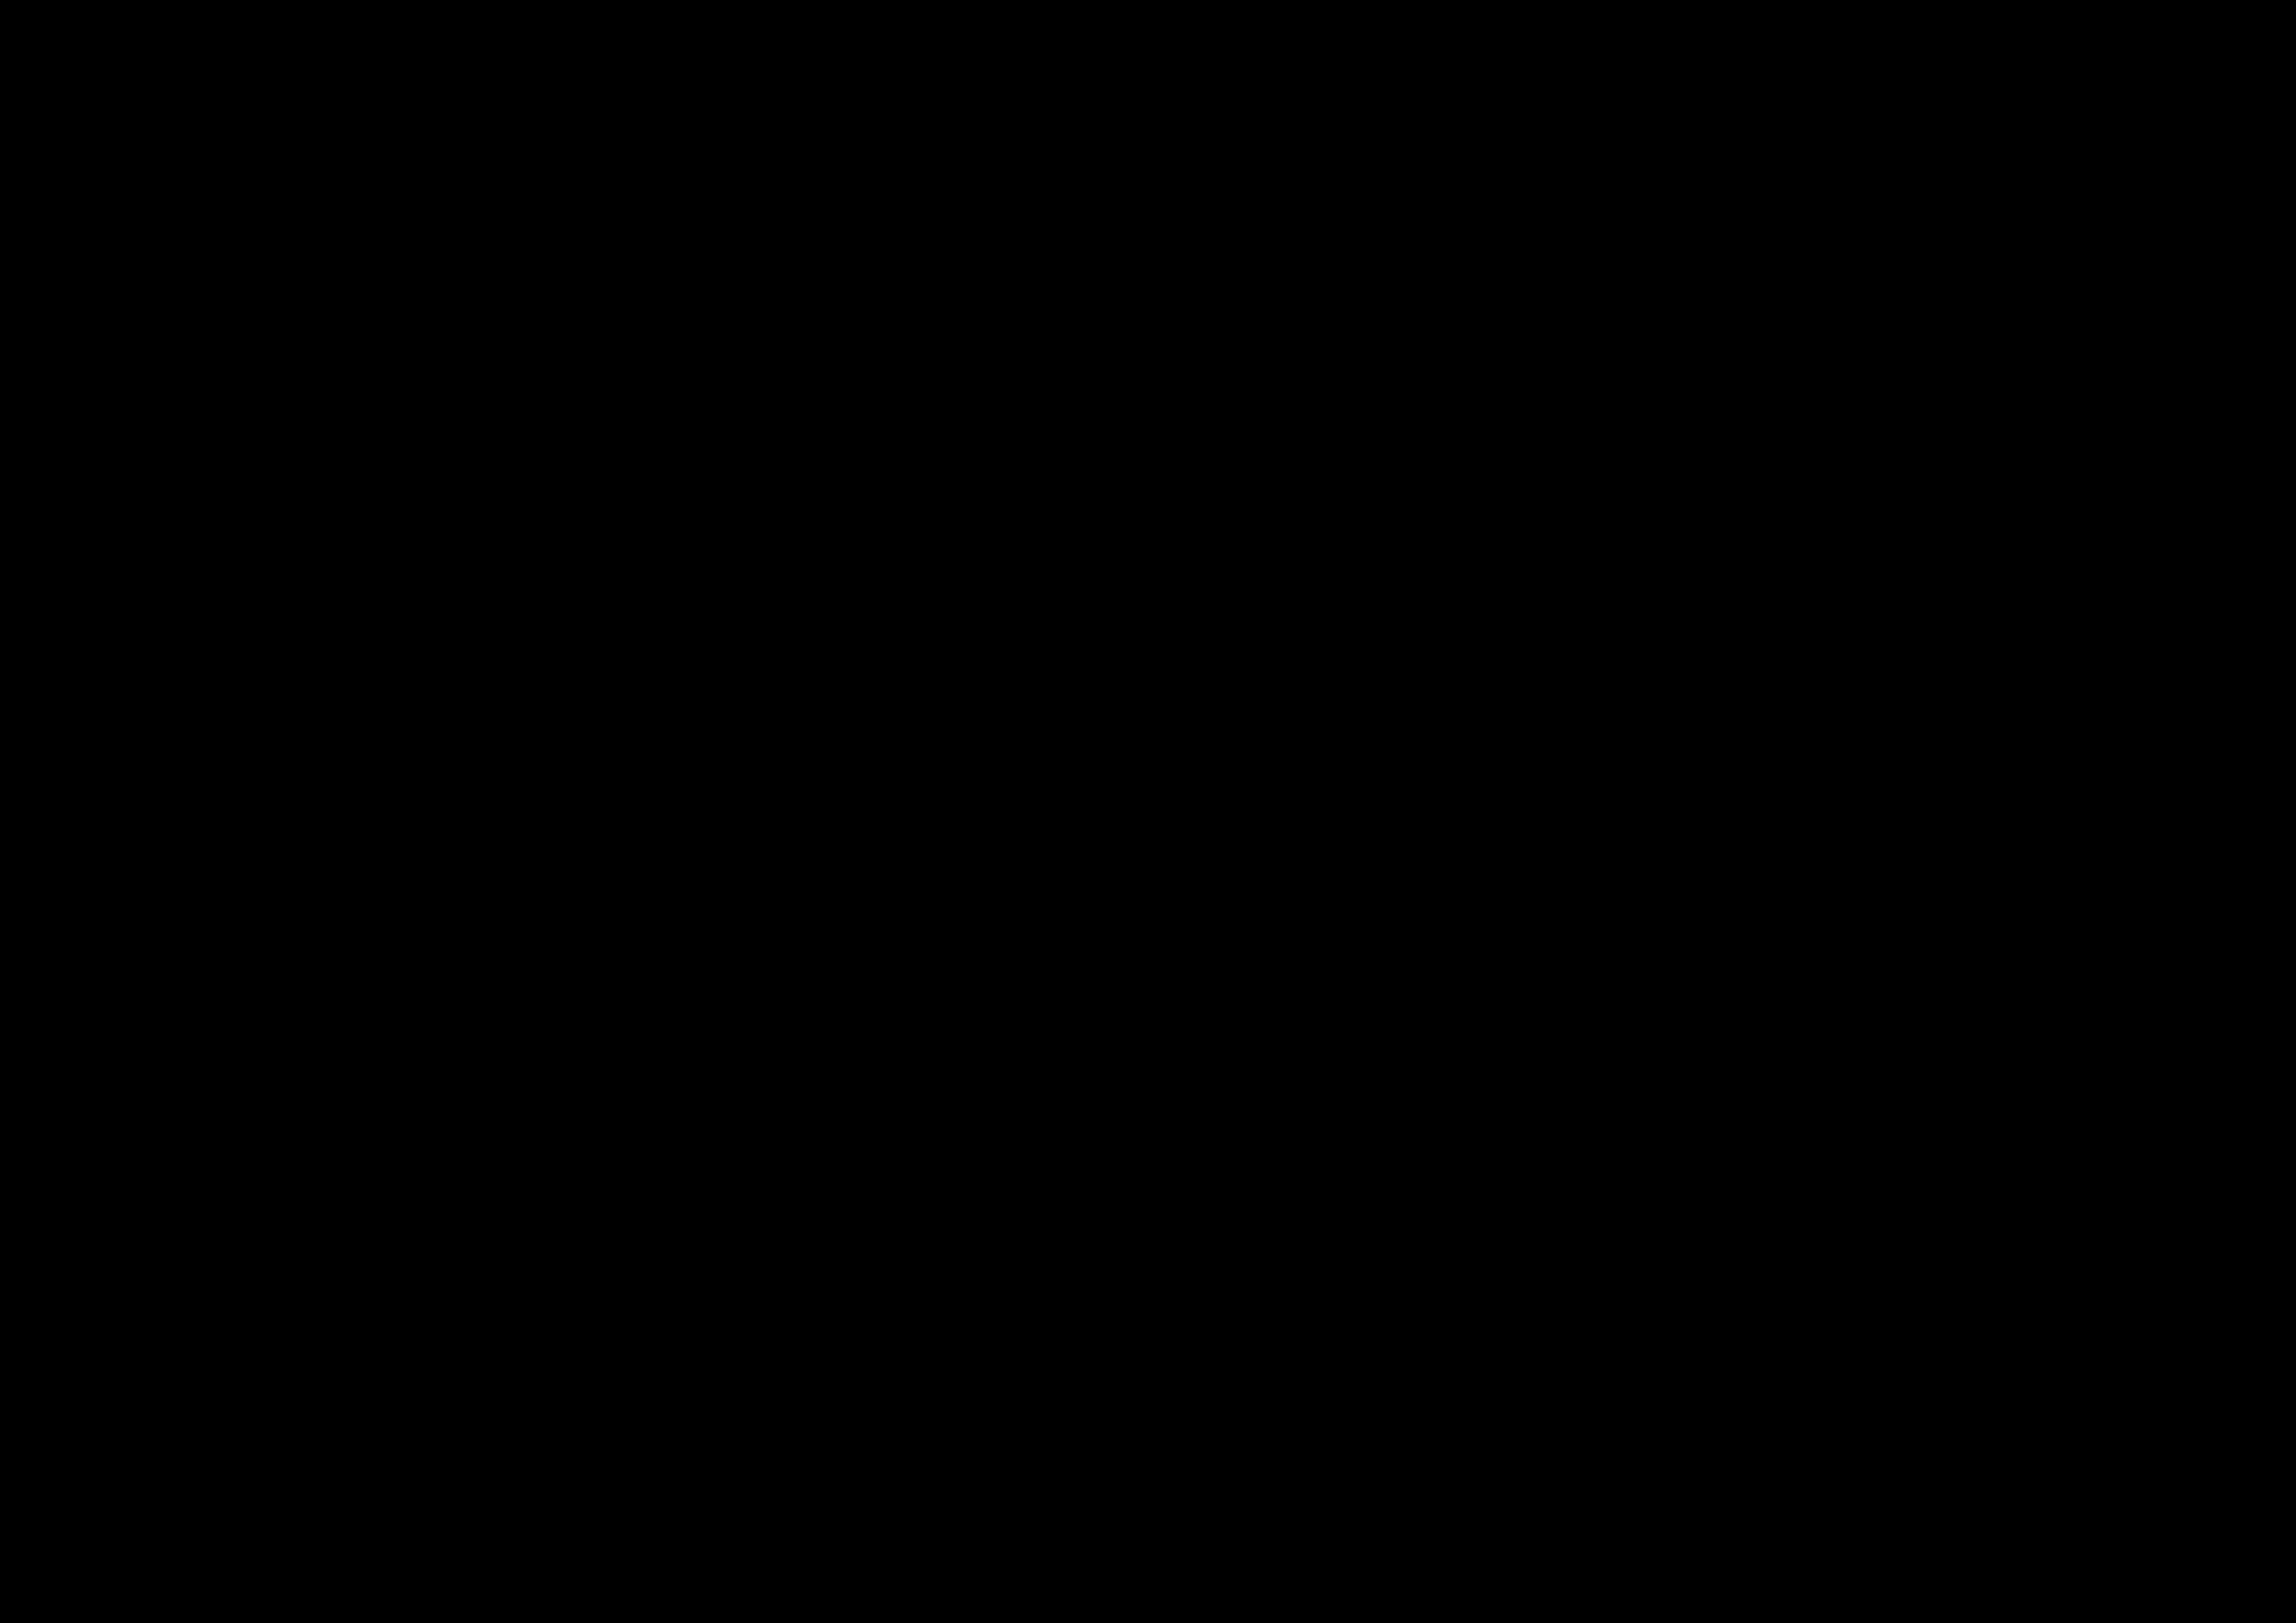 Clipart hiragana big image png biocorpaavc